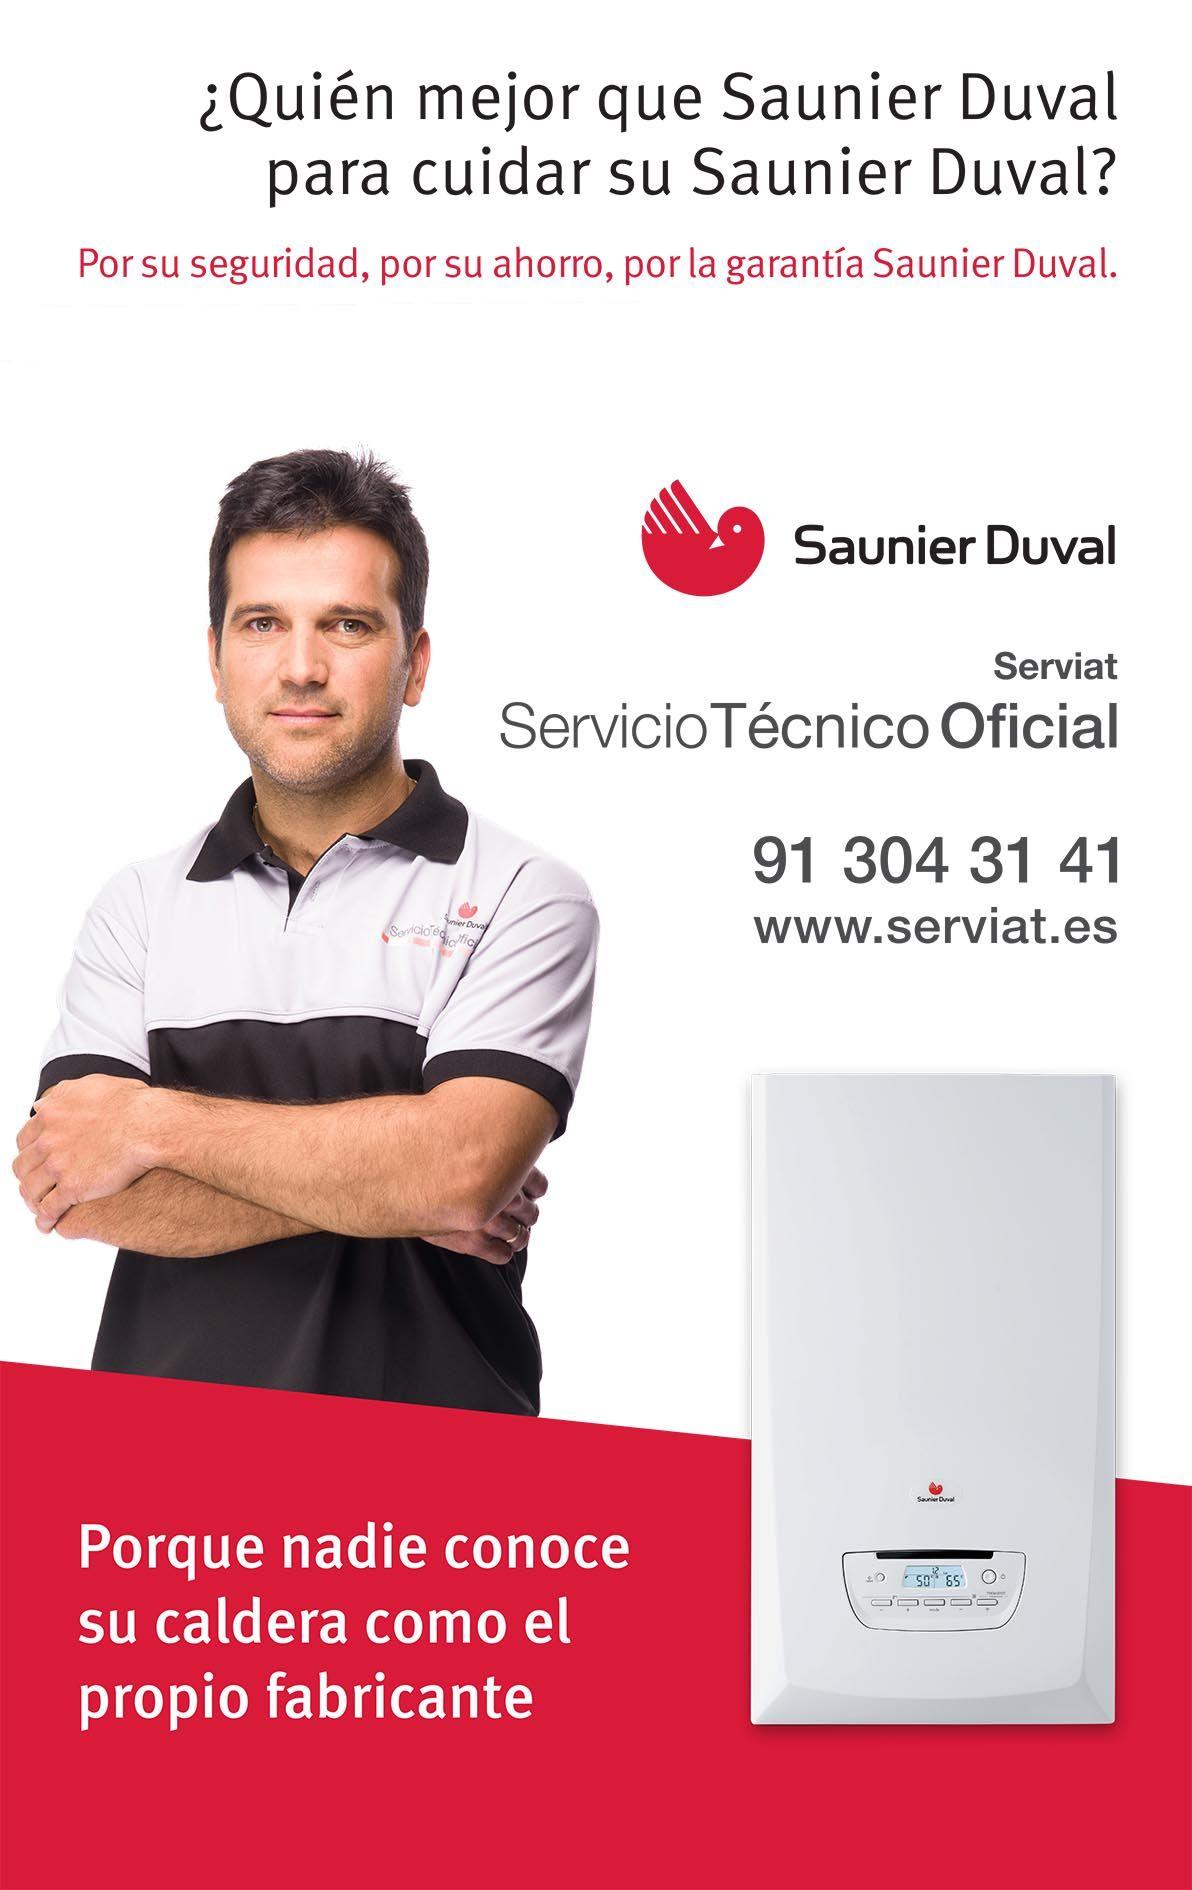 serviat-q608